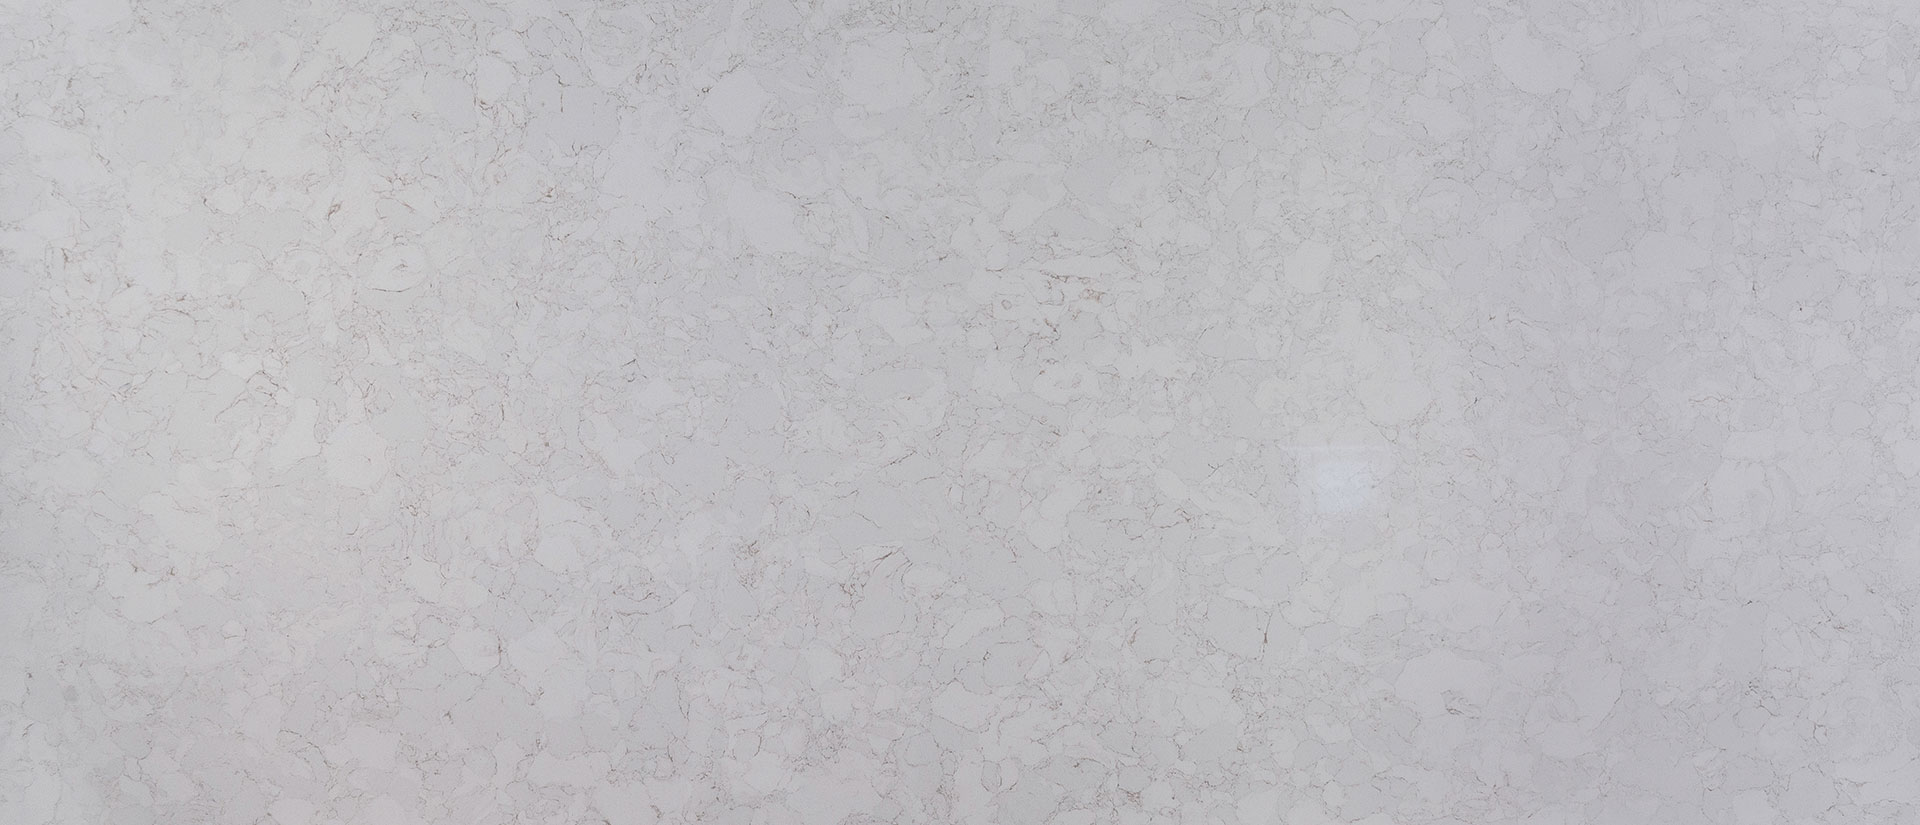 marbella-white-quartz